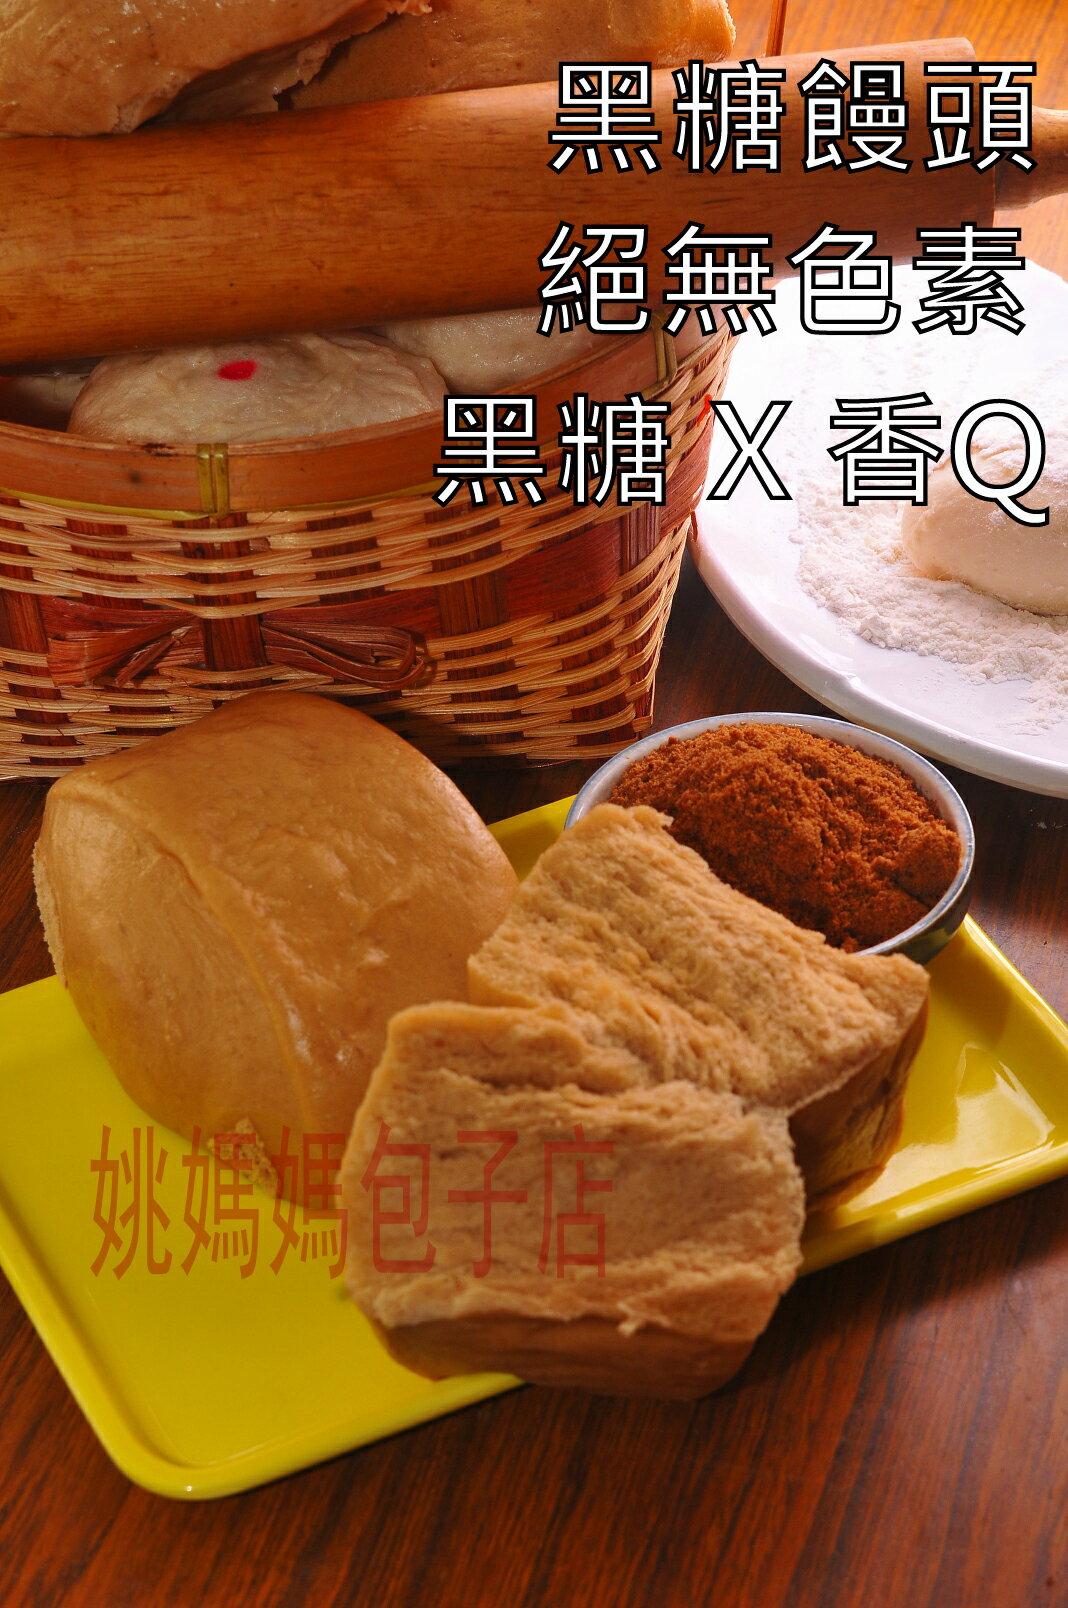 【姚媽媽工作坊】黑糖饅頭5入●手工製作●無任何化學添加●可素食●包子●饅頭